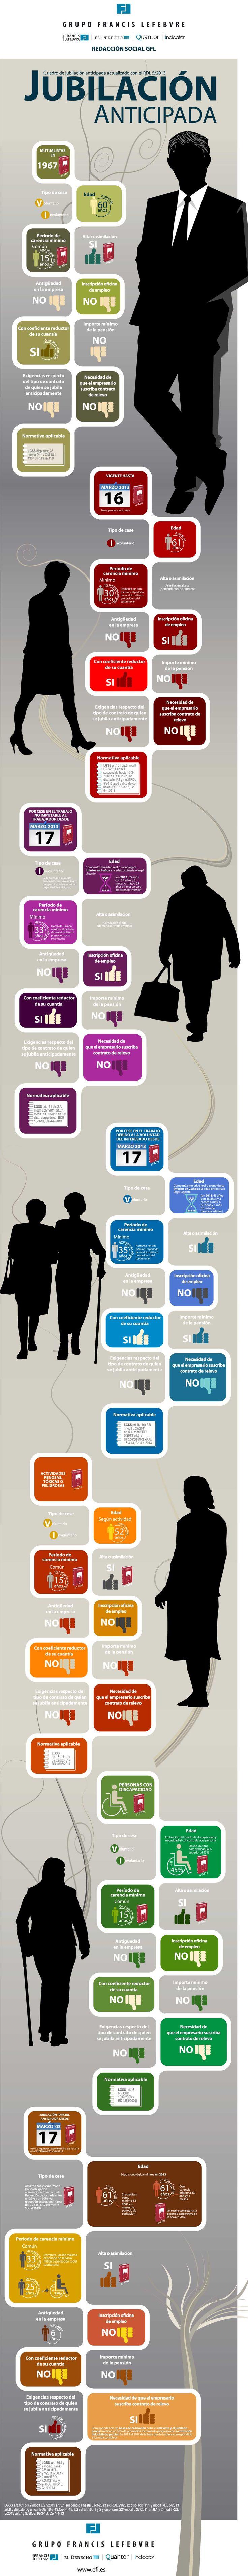 Jubilación anticipada en España #infografia